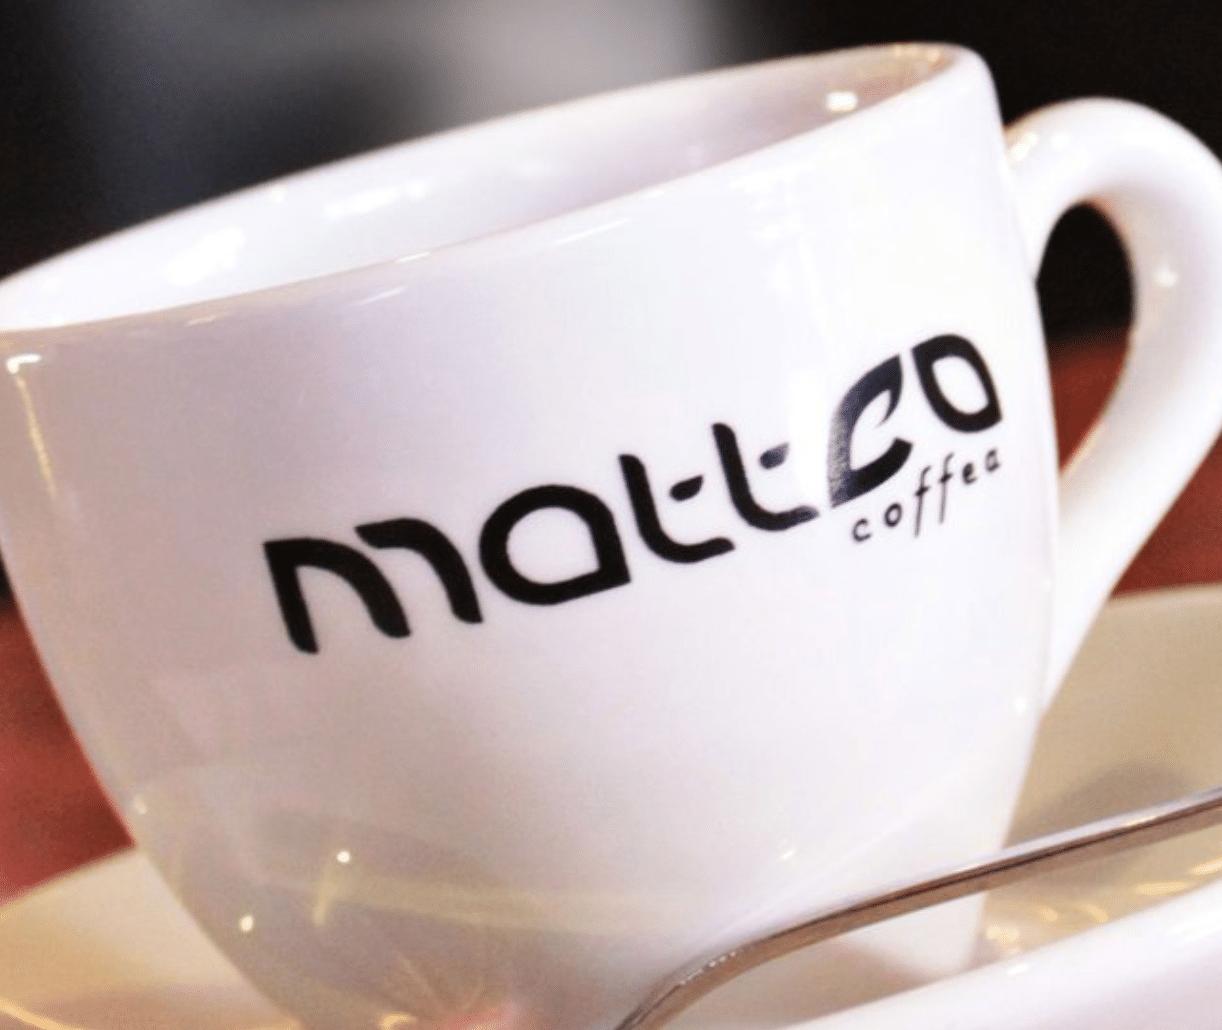 Bangalore Coffee